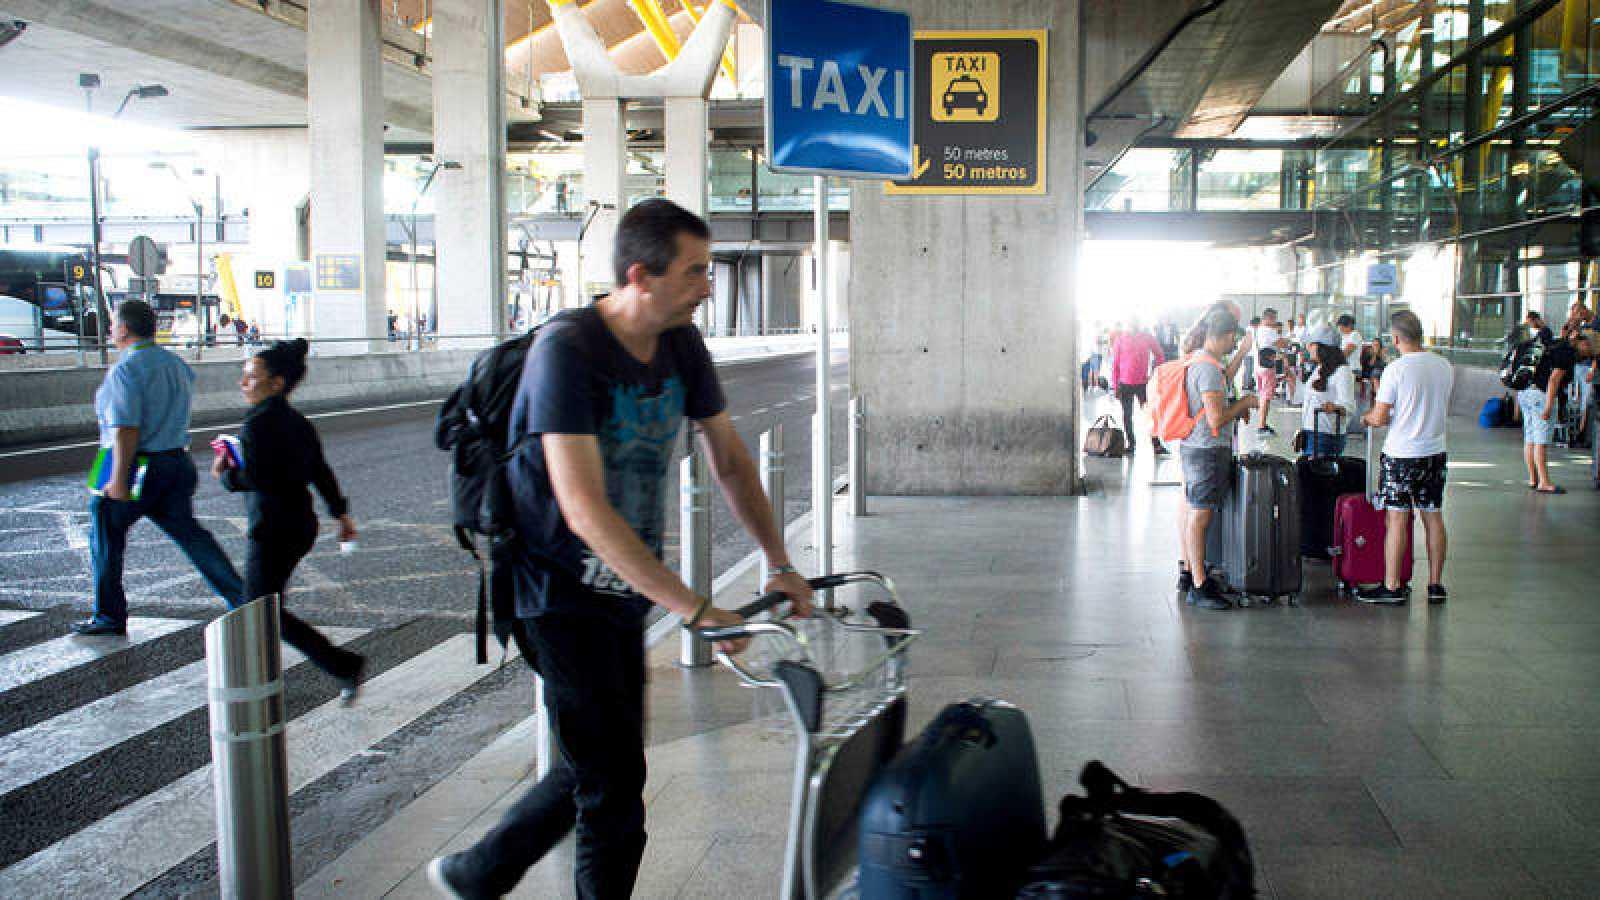 Parada de taxis en el aeropuerto de Barajas